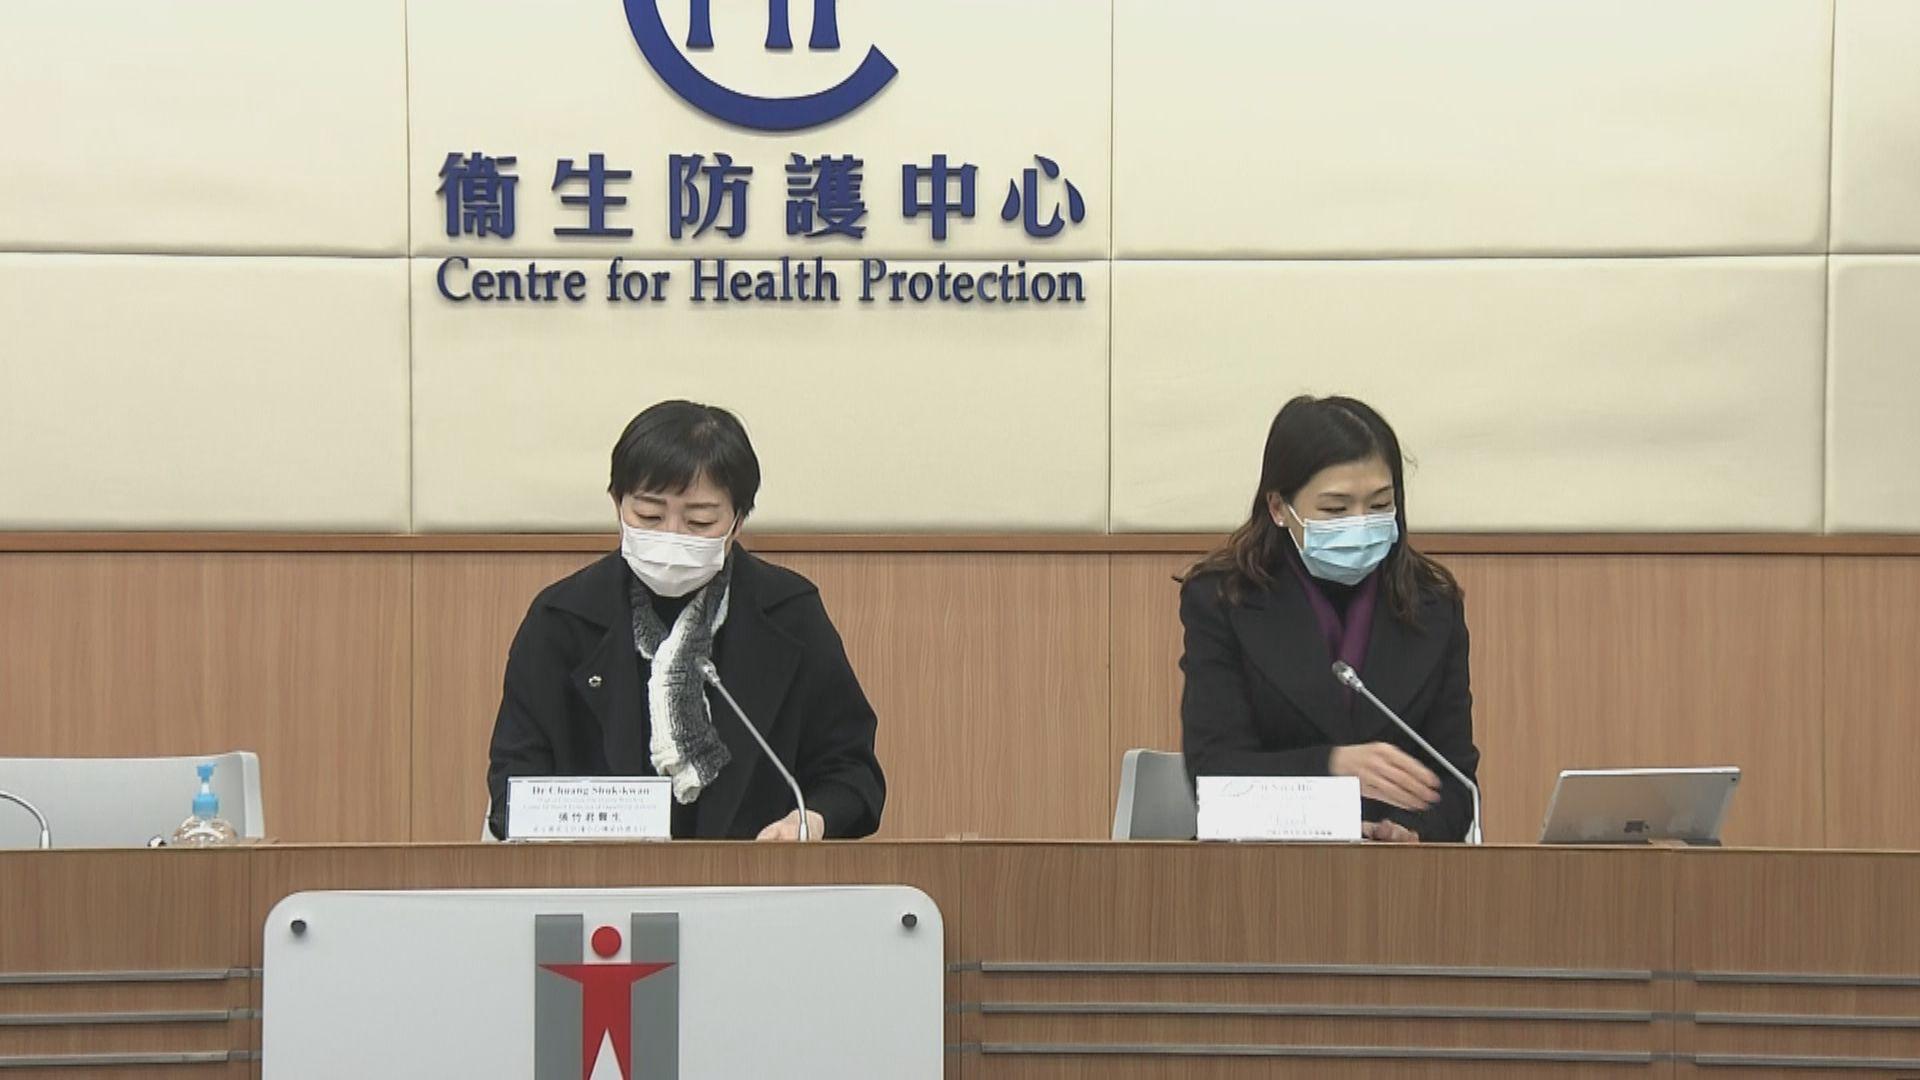 【附經修訂最新名單】本港增68宗確診 多三幢大廈列強制檢測